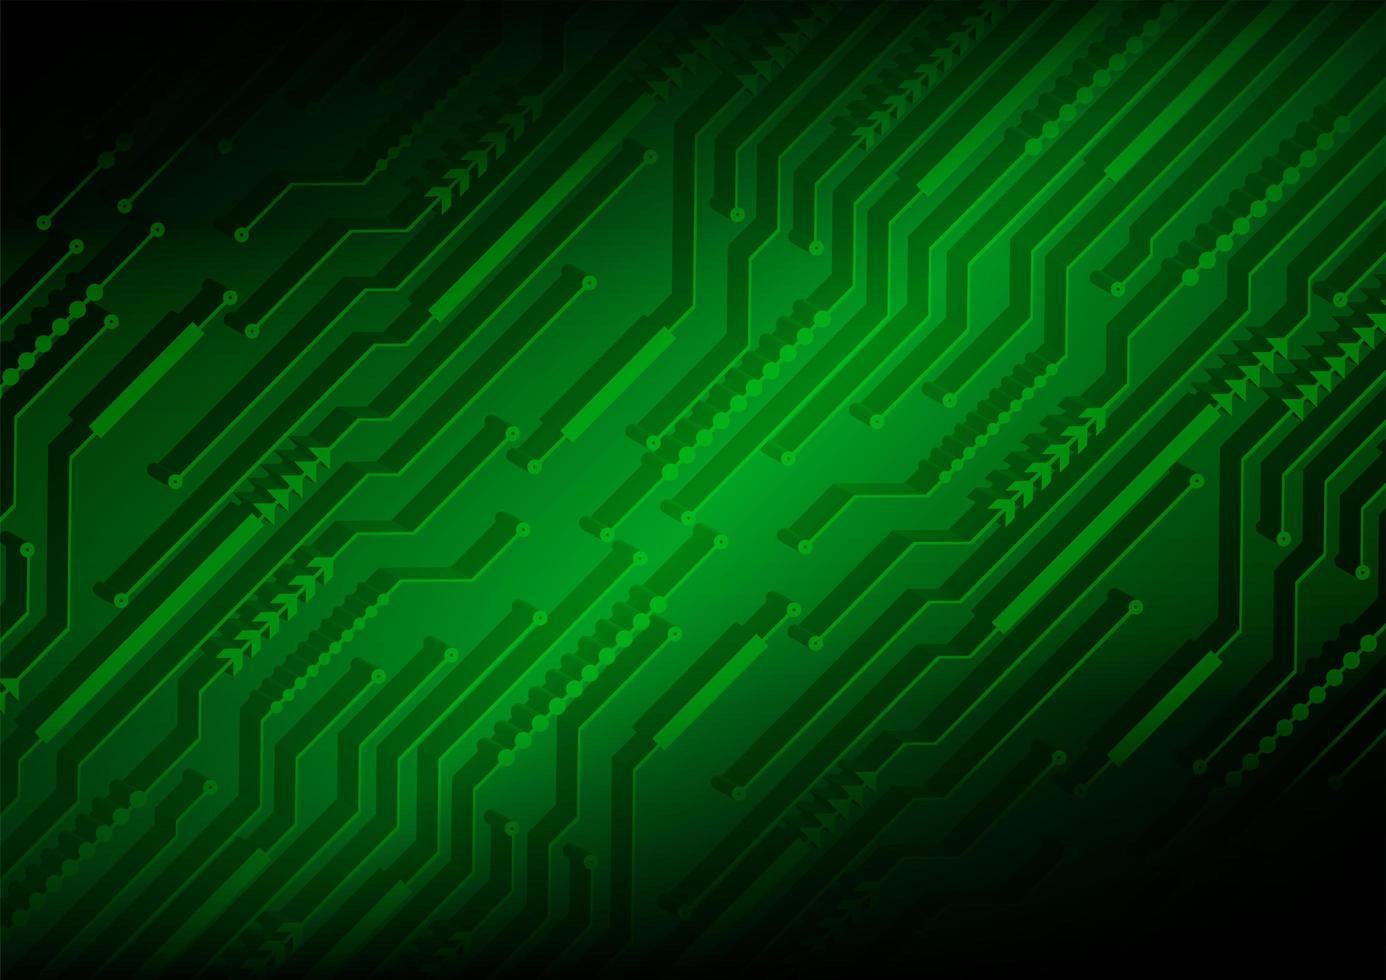 groene circuit toekomstige technologie concept achtergrond vector